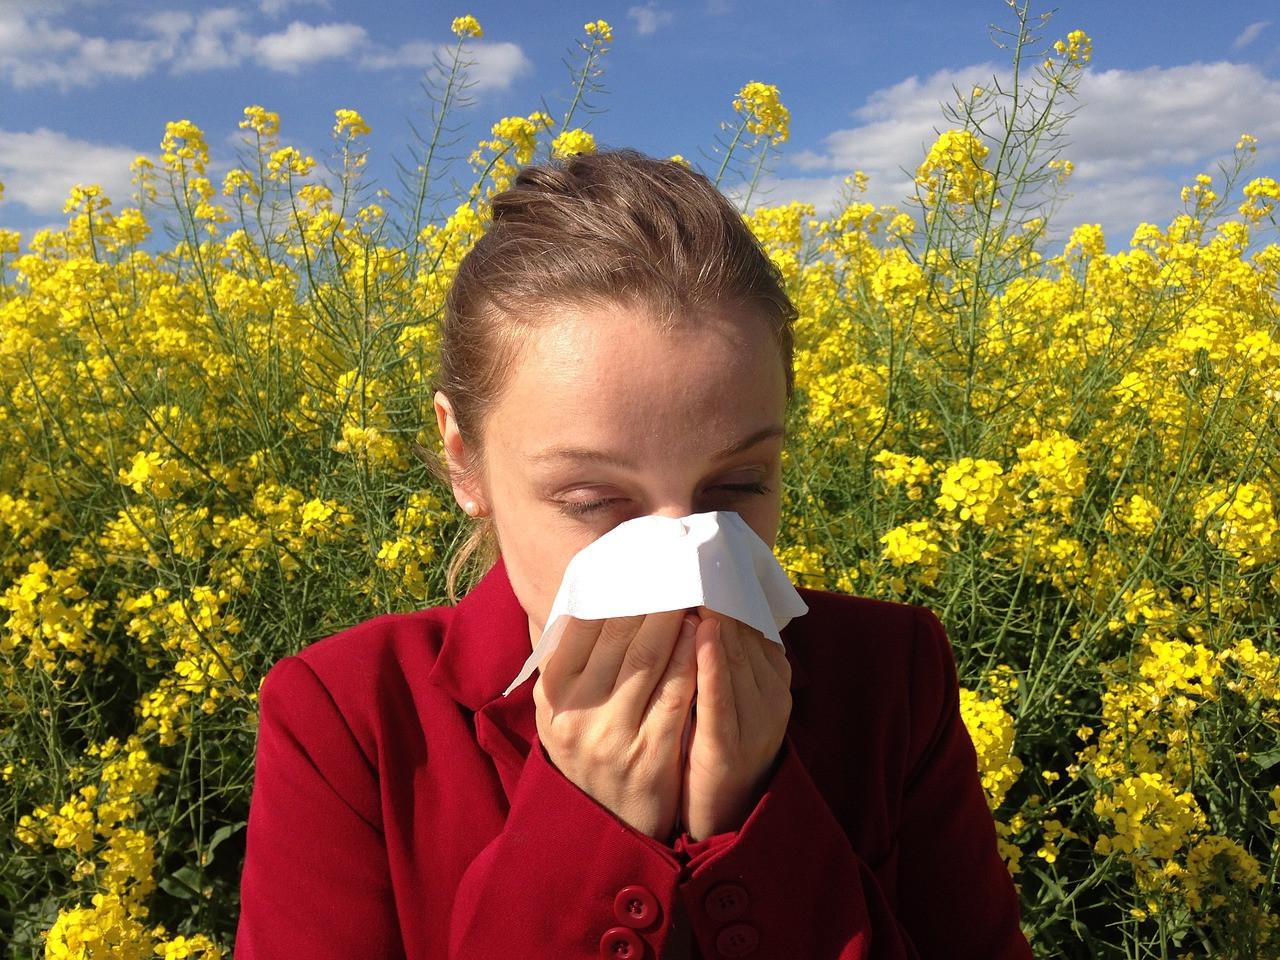 Аллергикам посоветовали особенно строго соблюдать самоизоляцию